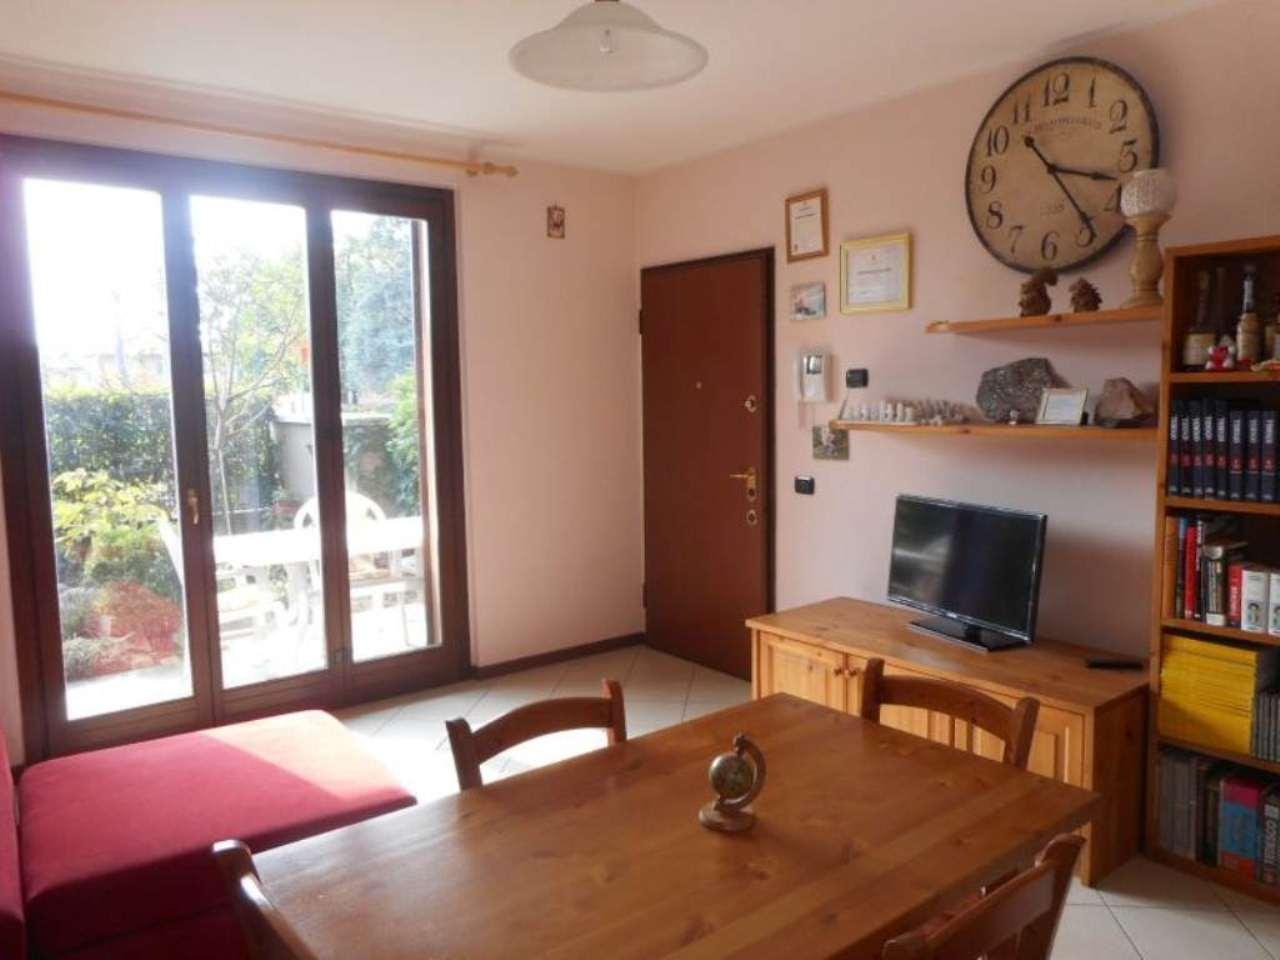 Appartamento in vendita a Binago, 2 locali, prezzo € 130.000 | Cambio Casa.it